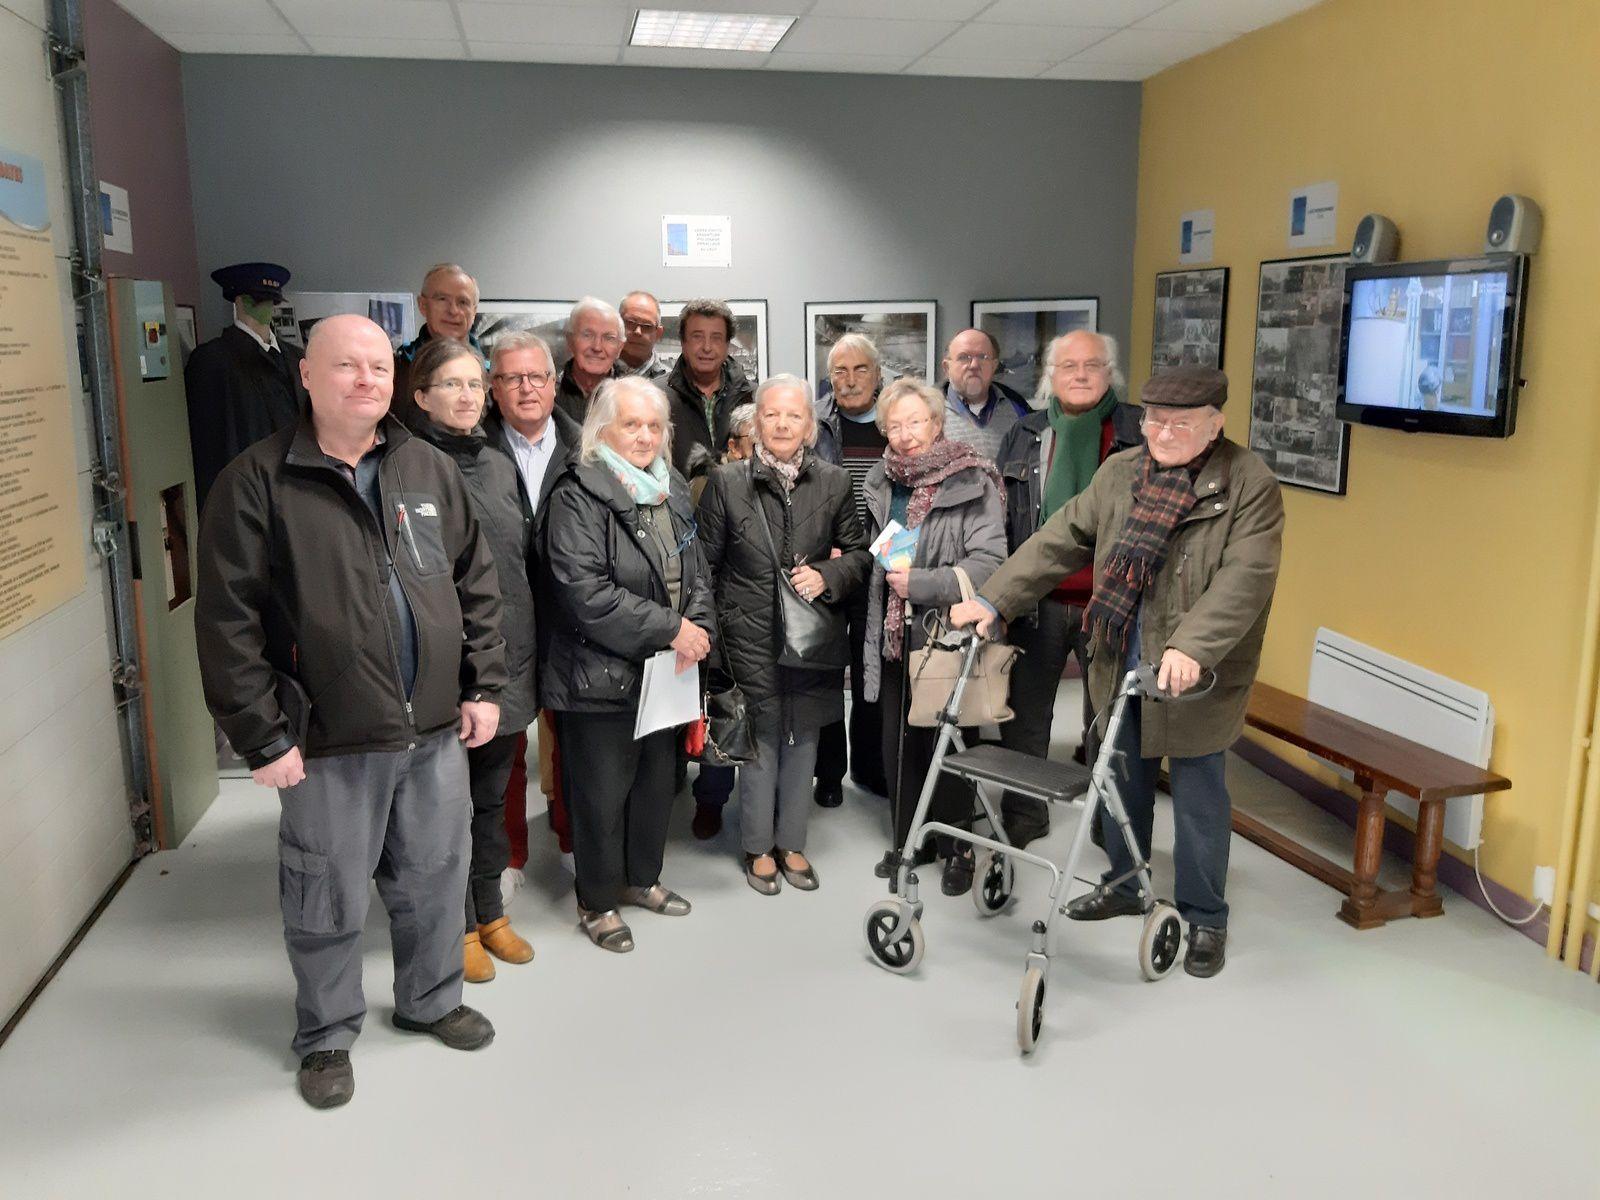 L'Association FENAIN et son HISTOIRE est venue nous rendre visite hier avec 15  de leurs membres